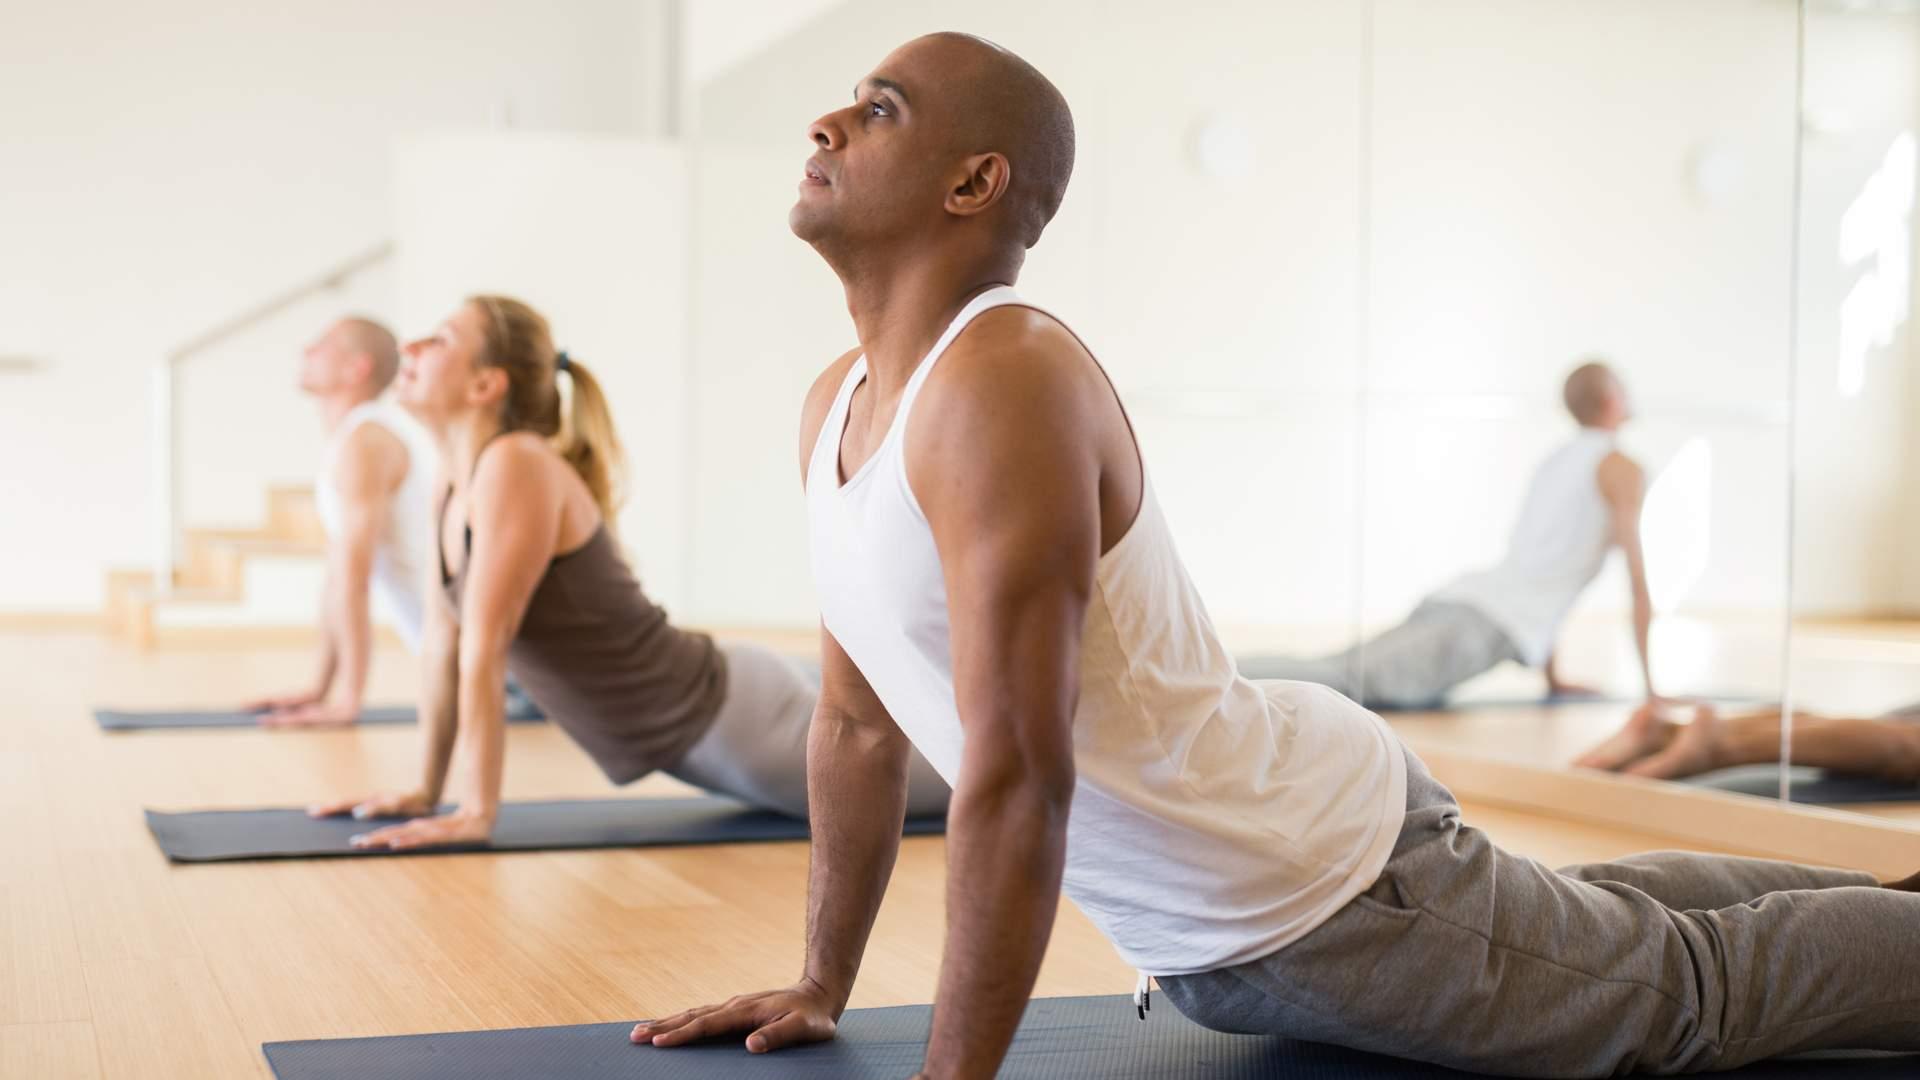 Homem fazendo yoga em aula no estúdio